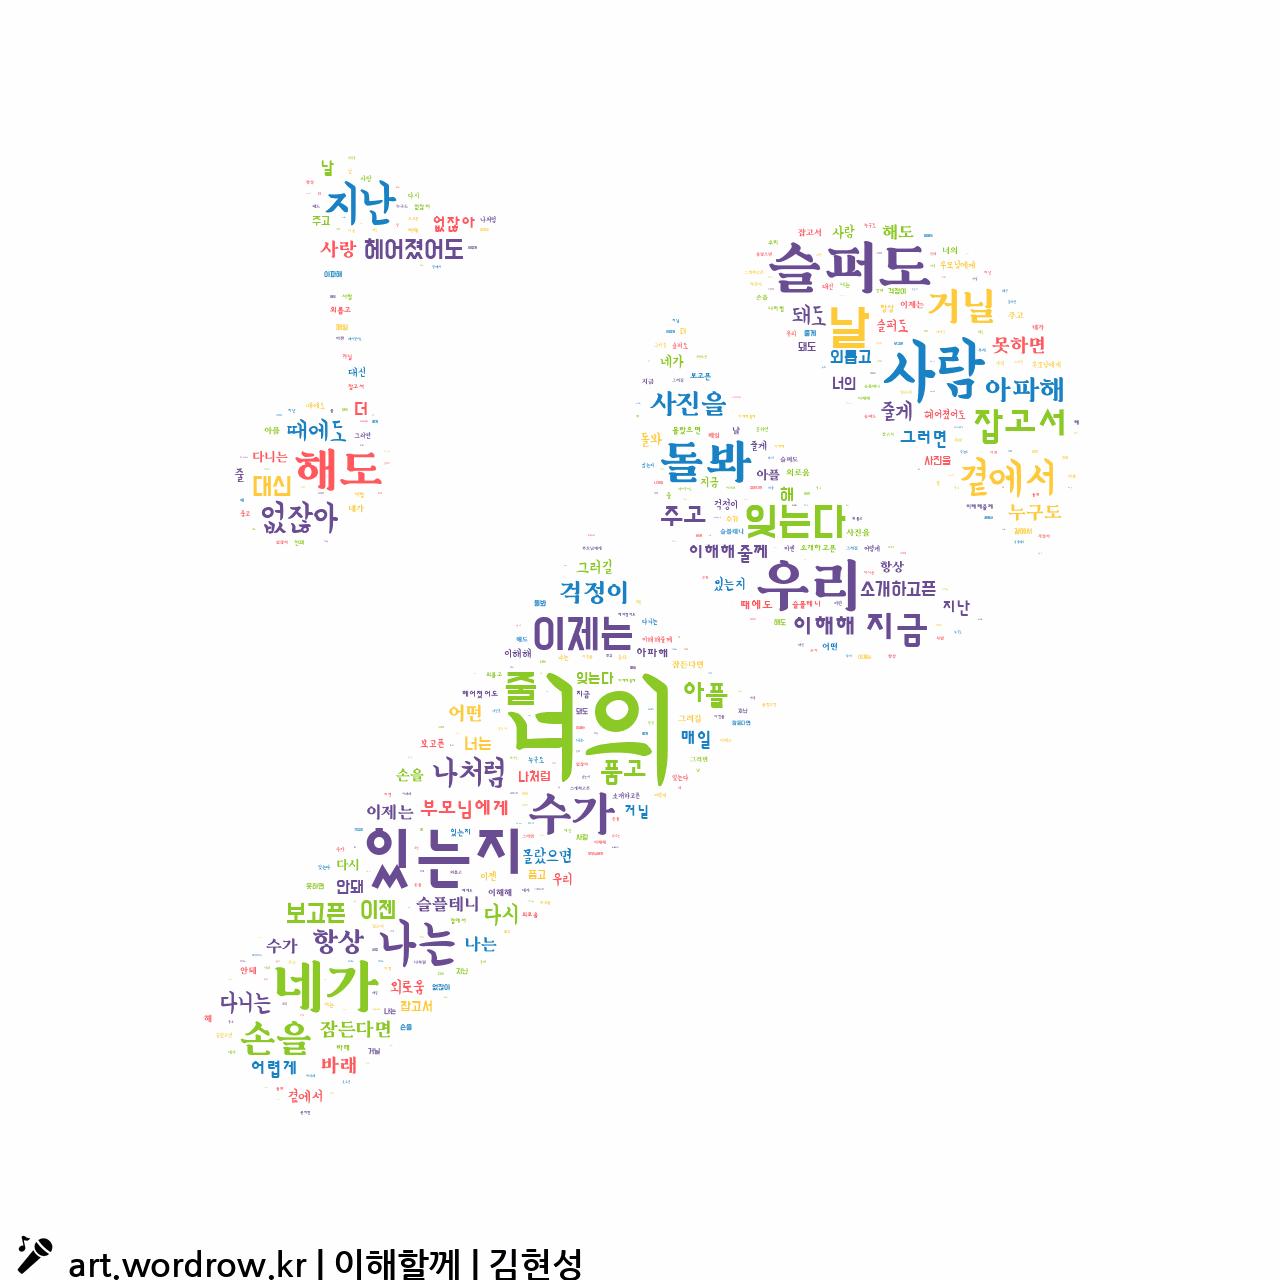 워드 아트: 이해할께 [김현성]-38